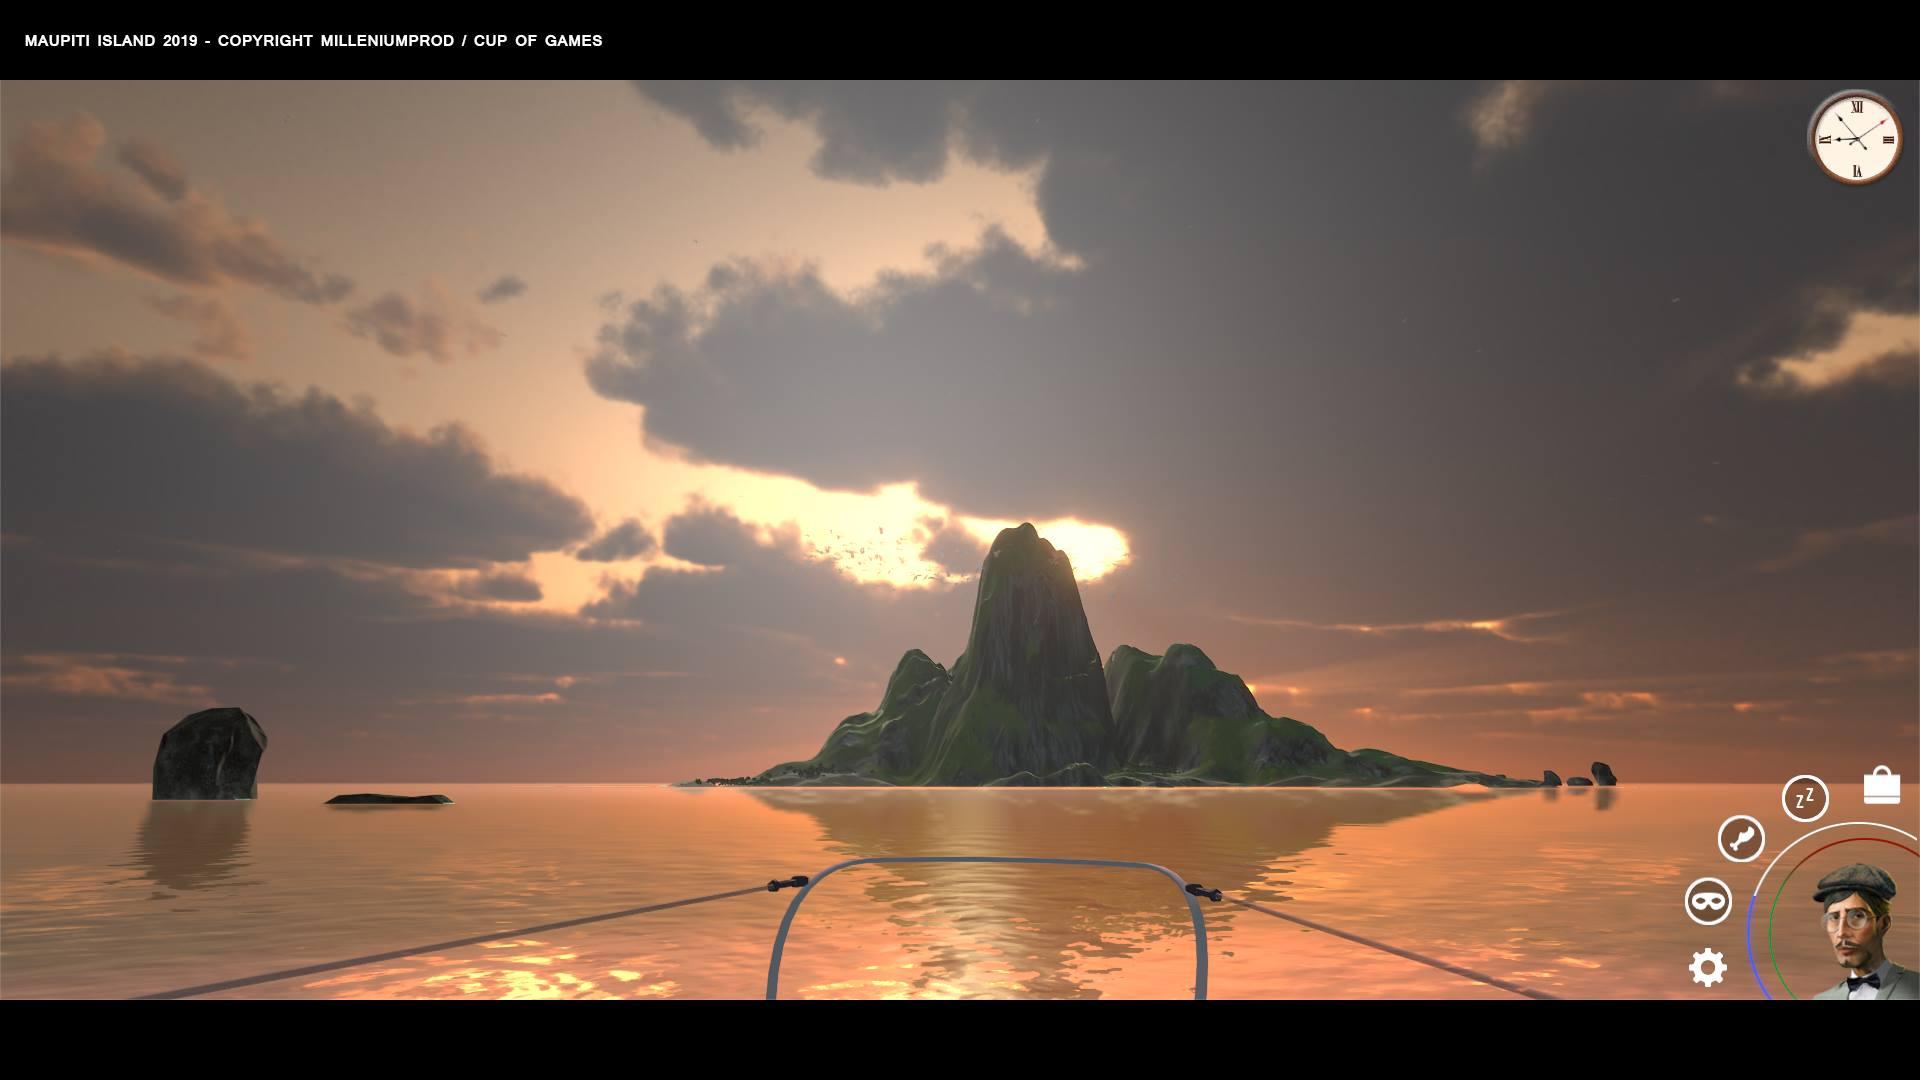 Jérôme Lange bientôt de retour sur Maupiti Island ? 4f7f704084e9f92f1186cb418b64a04b